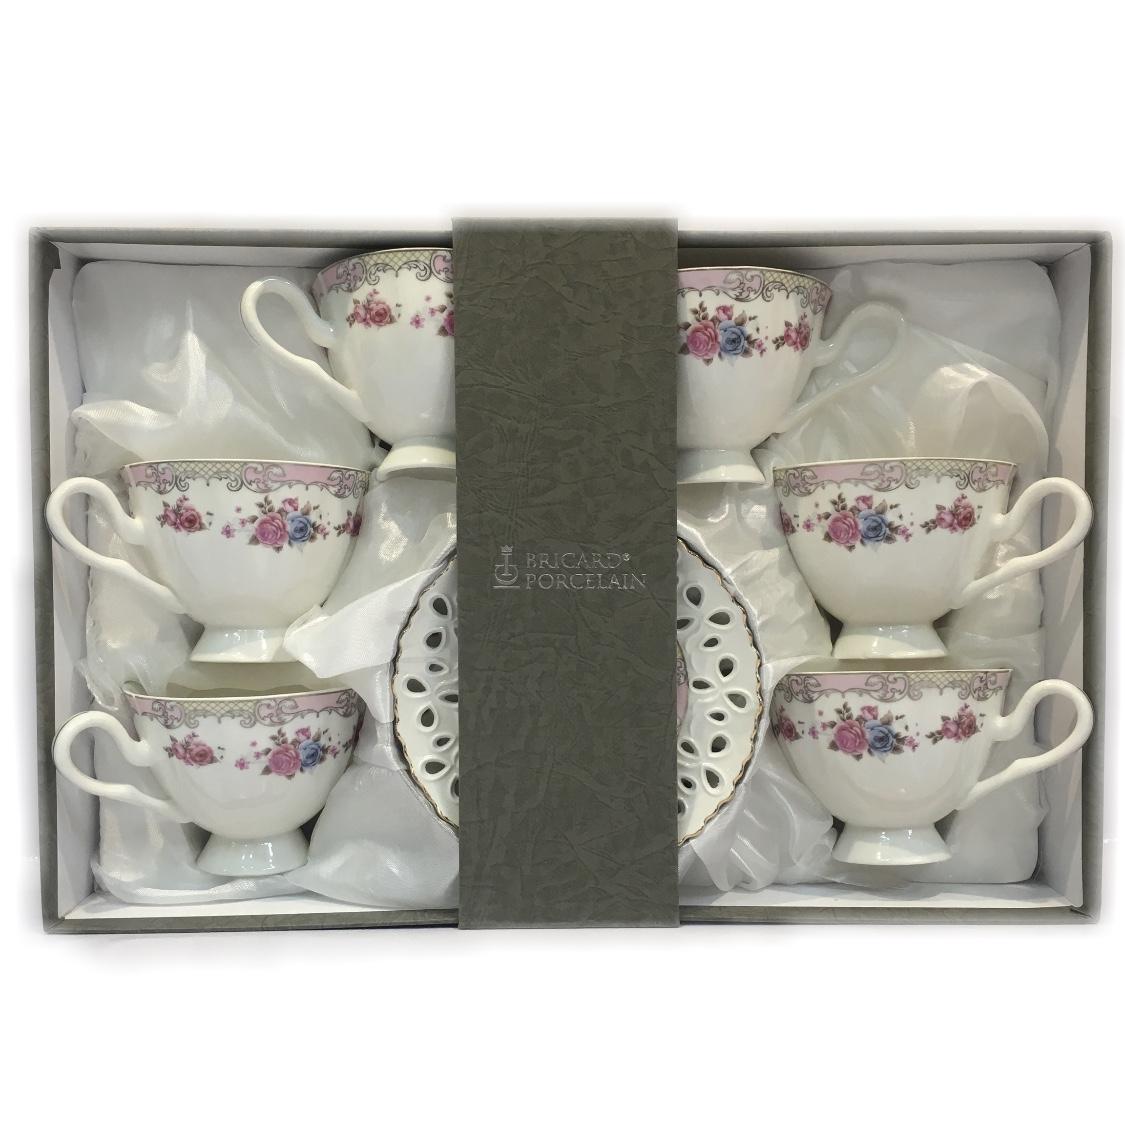 coffret de 6 tasses caf fleurie rose design dentelle en porcelaine. Black Bedroom Furniture Sets. Home Design Ideas